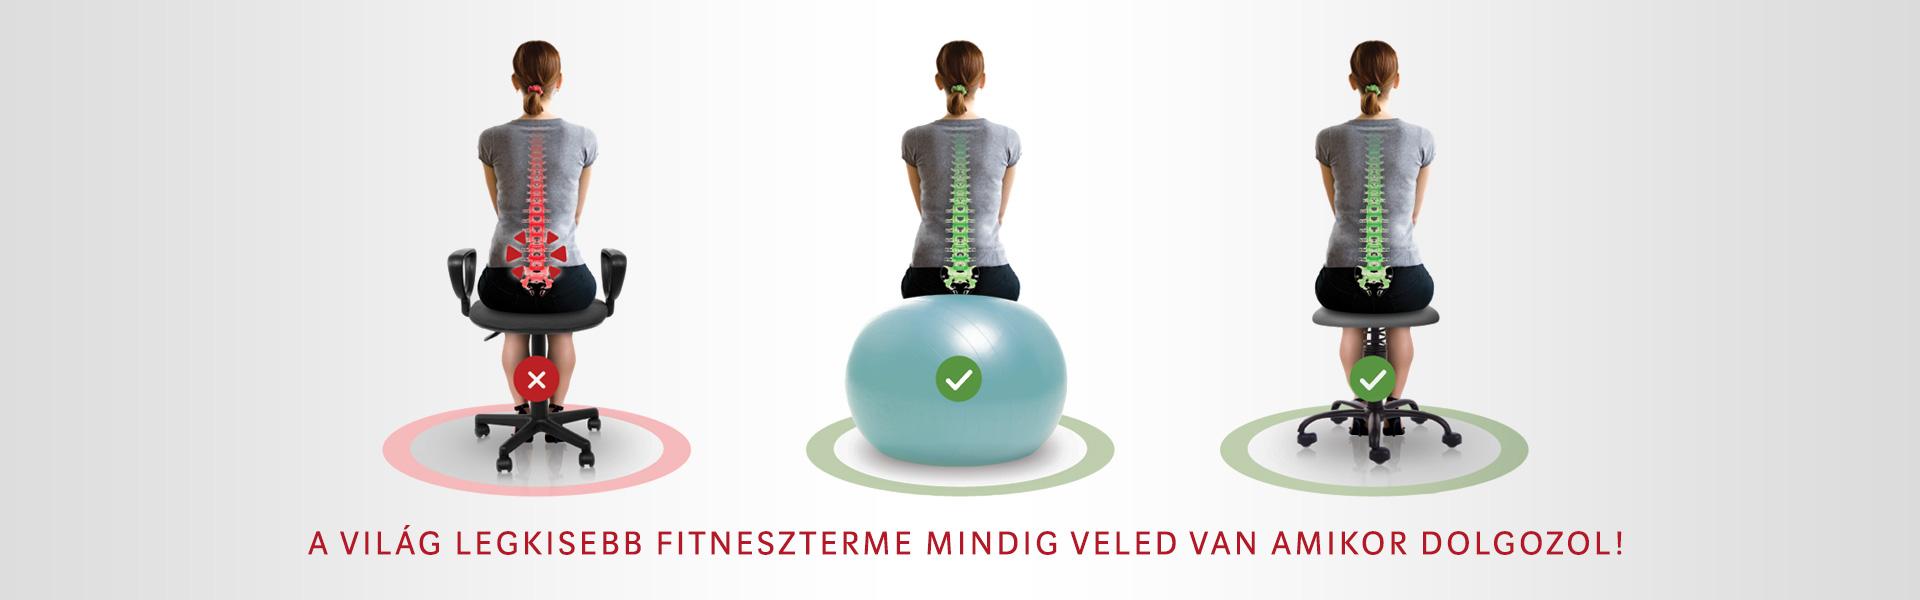 SpinaliS aktív, ergonómikus székek az egészséges gerincért |